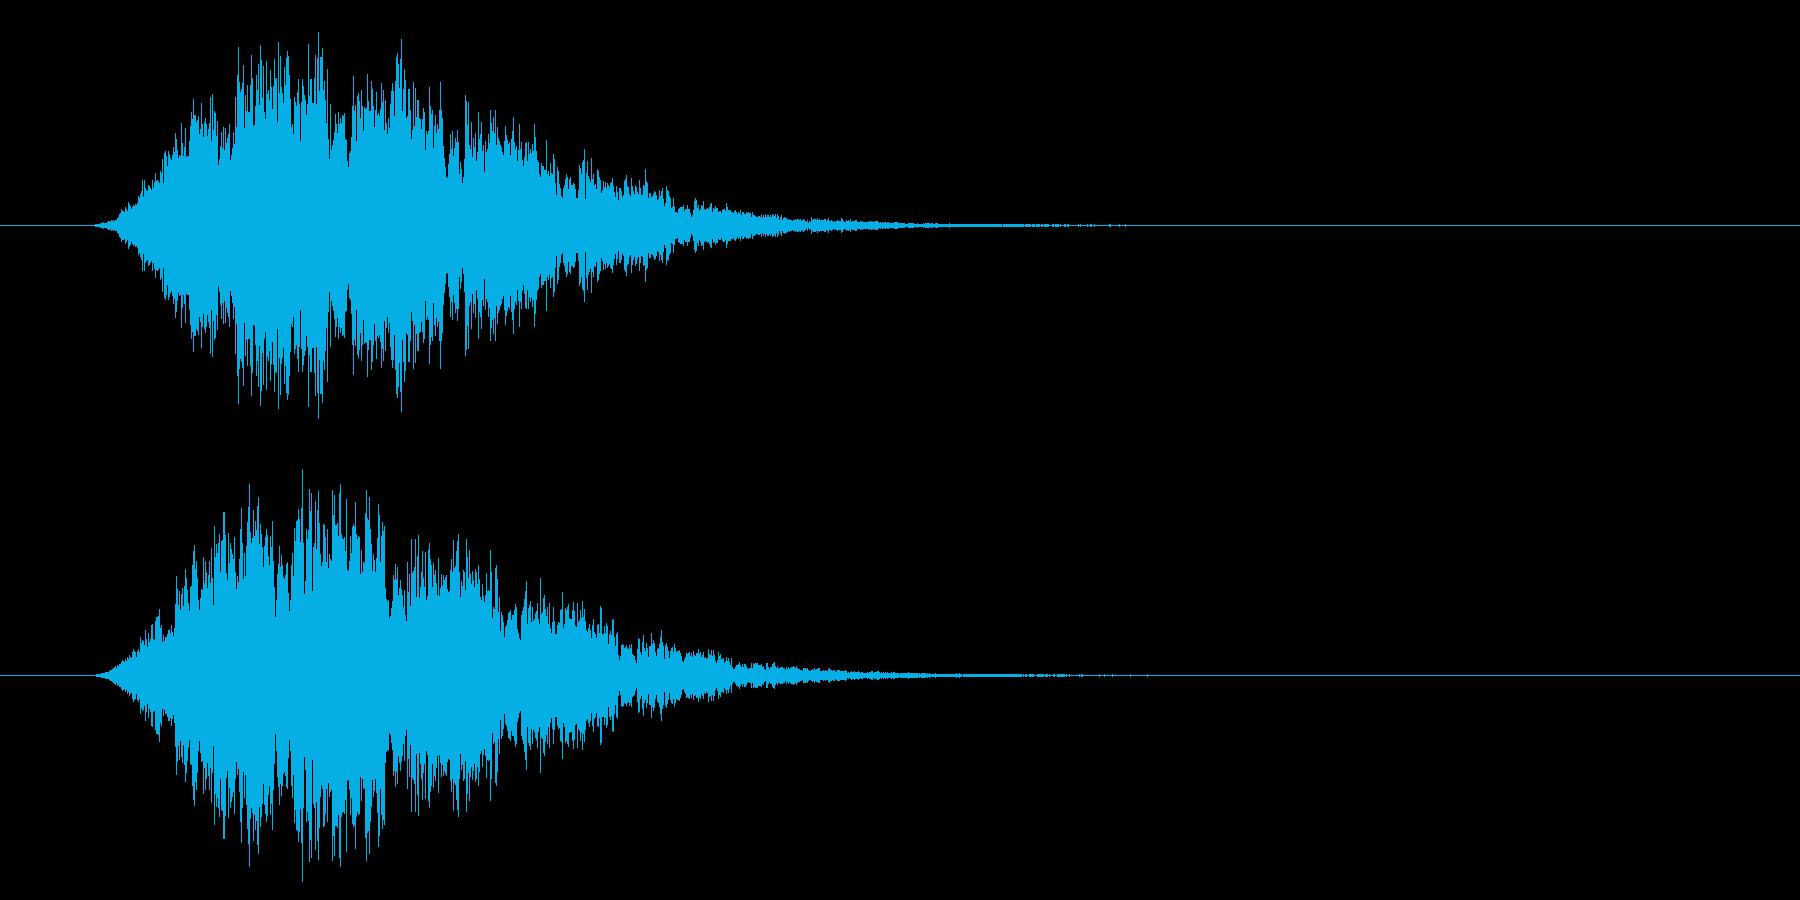 シュウィン 移動 インパクト音 ロゴの再生済みの波形